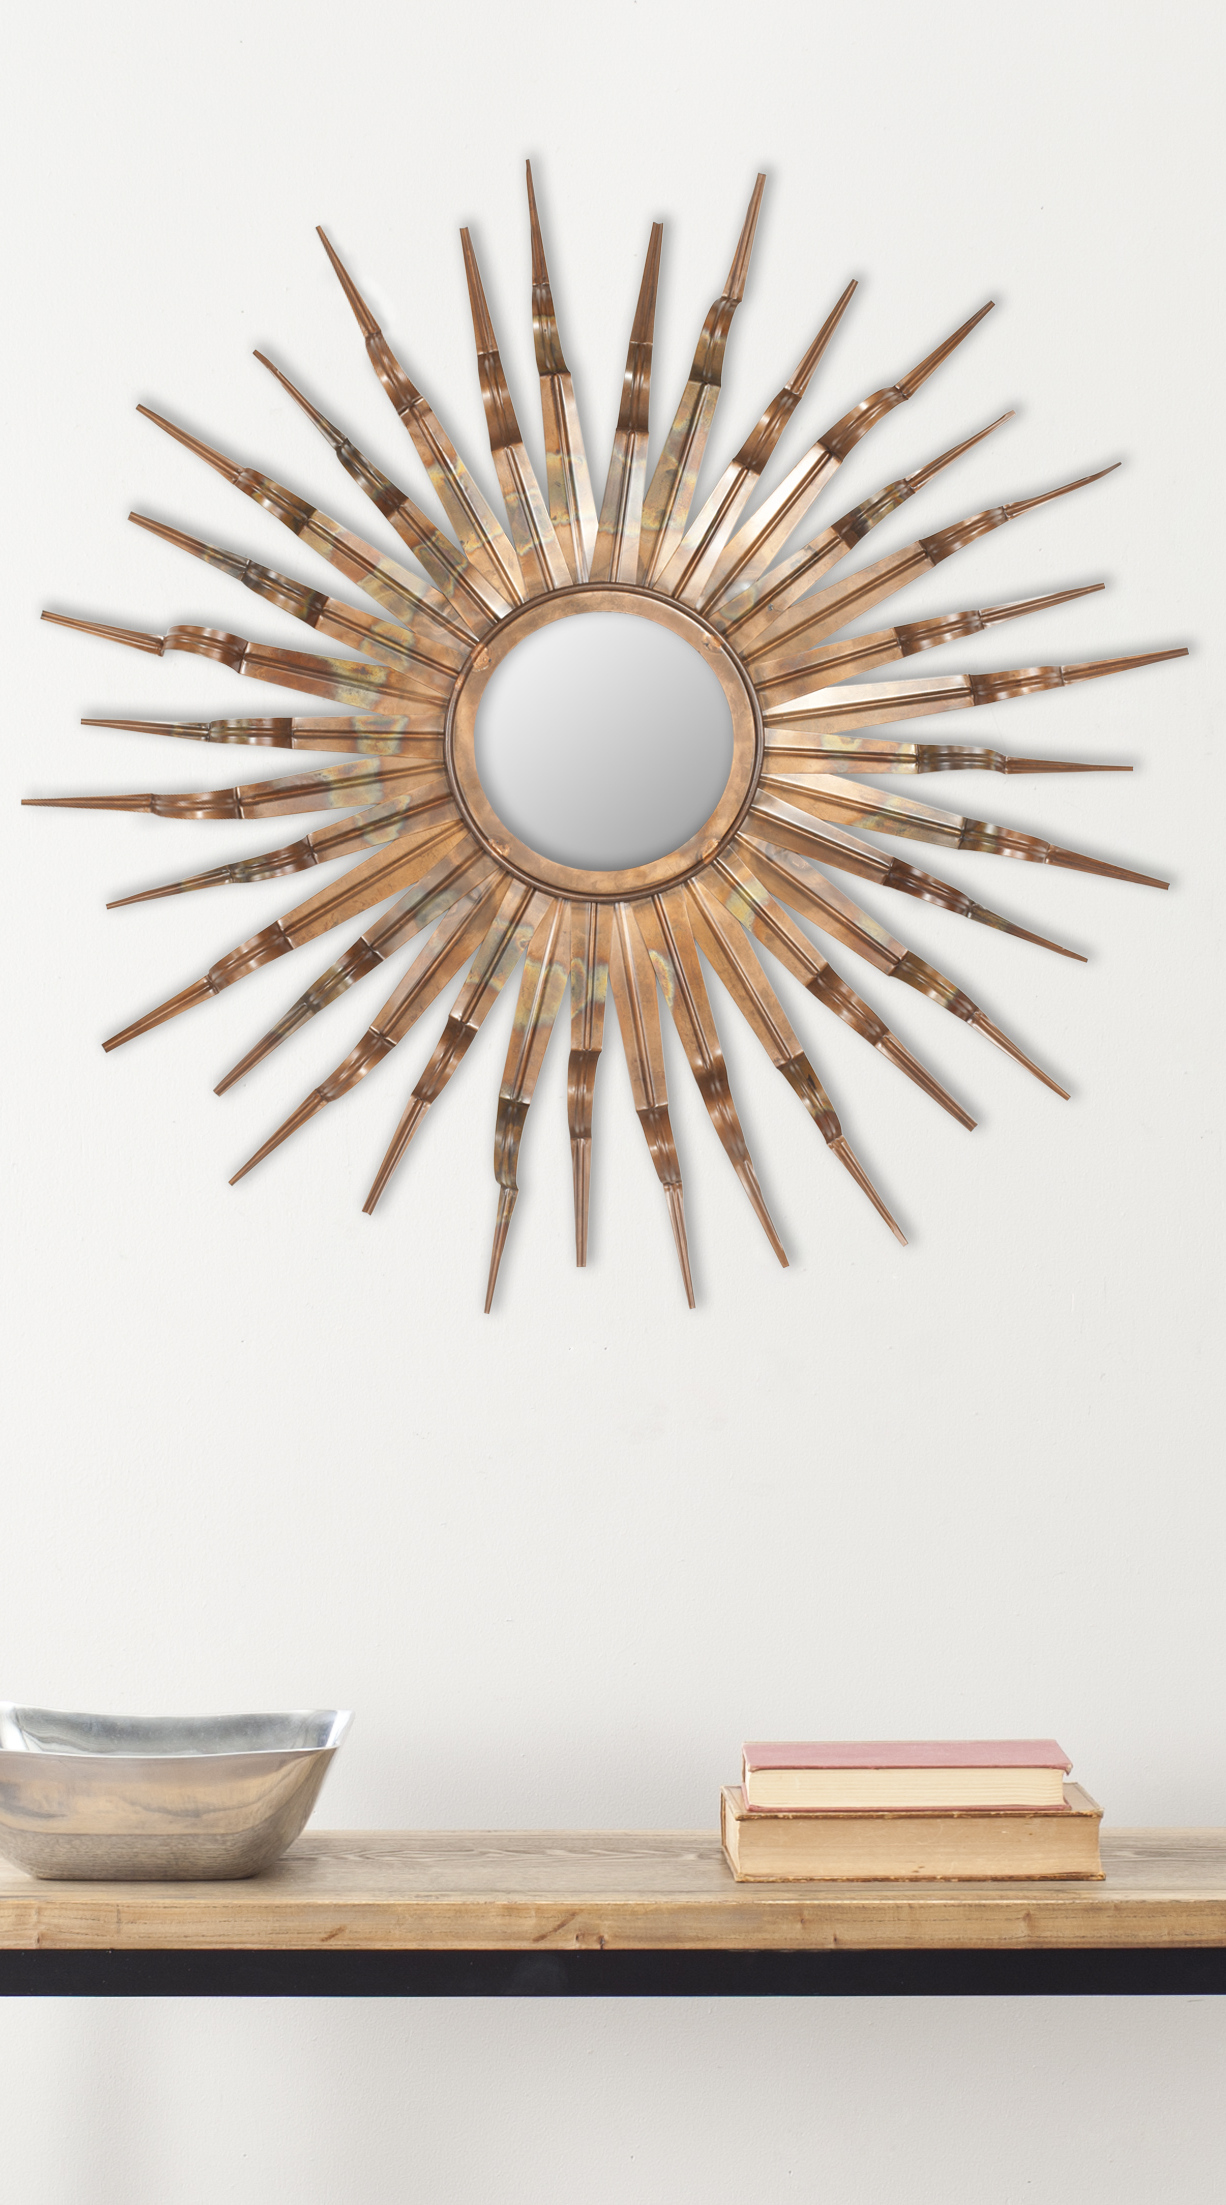 Wandspiegel Jasmine   Kupfer, Gold und Dekorative spiegel